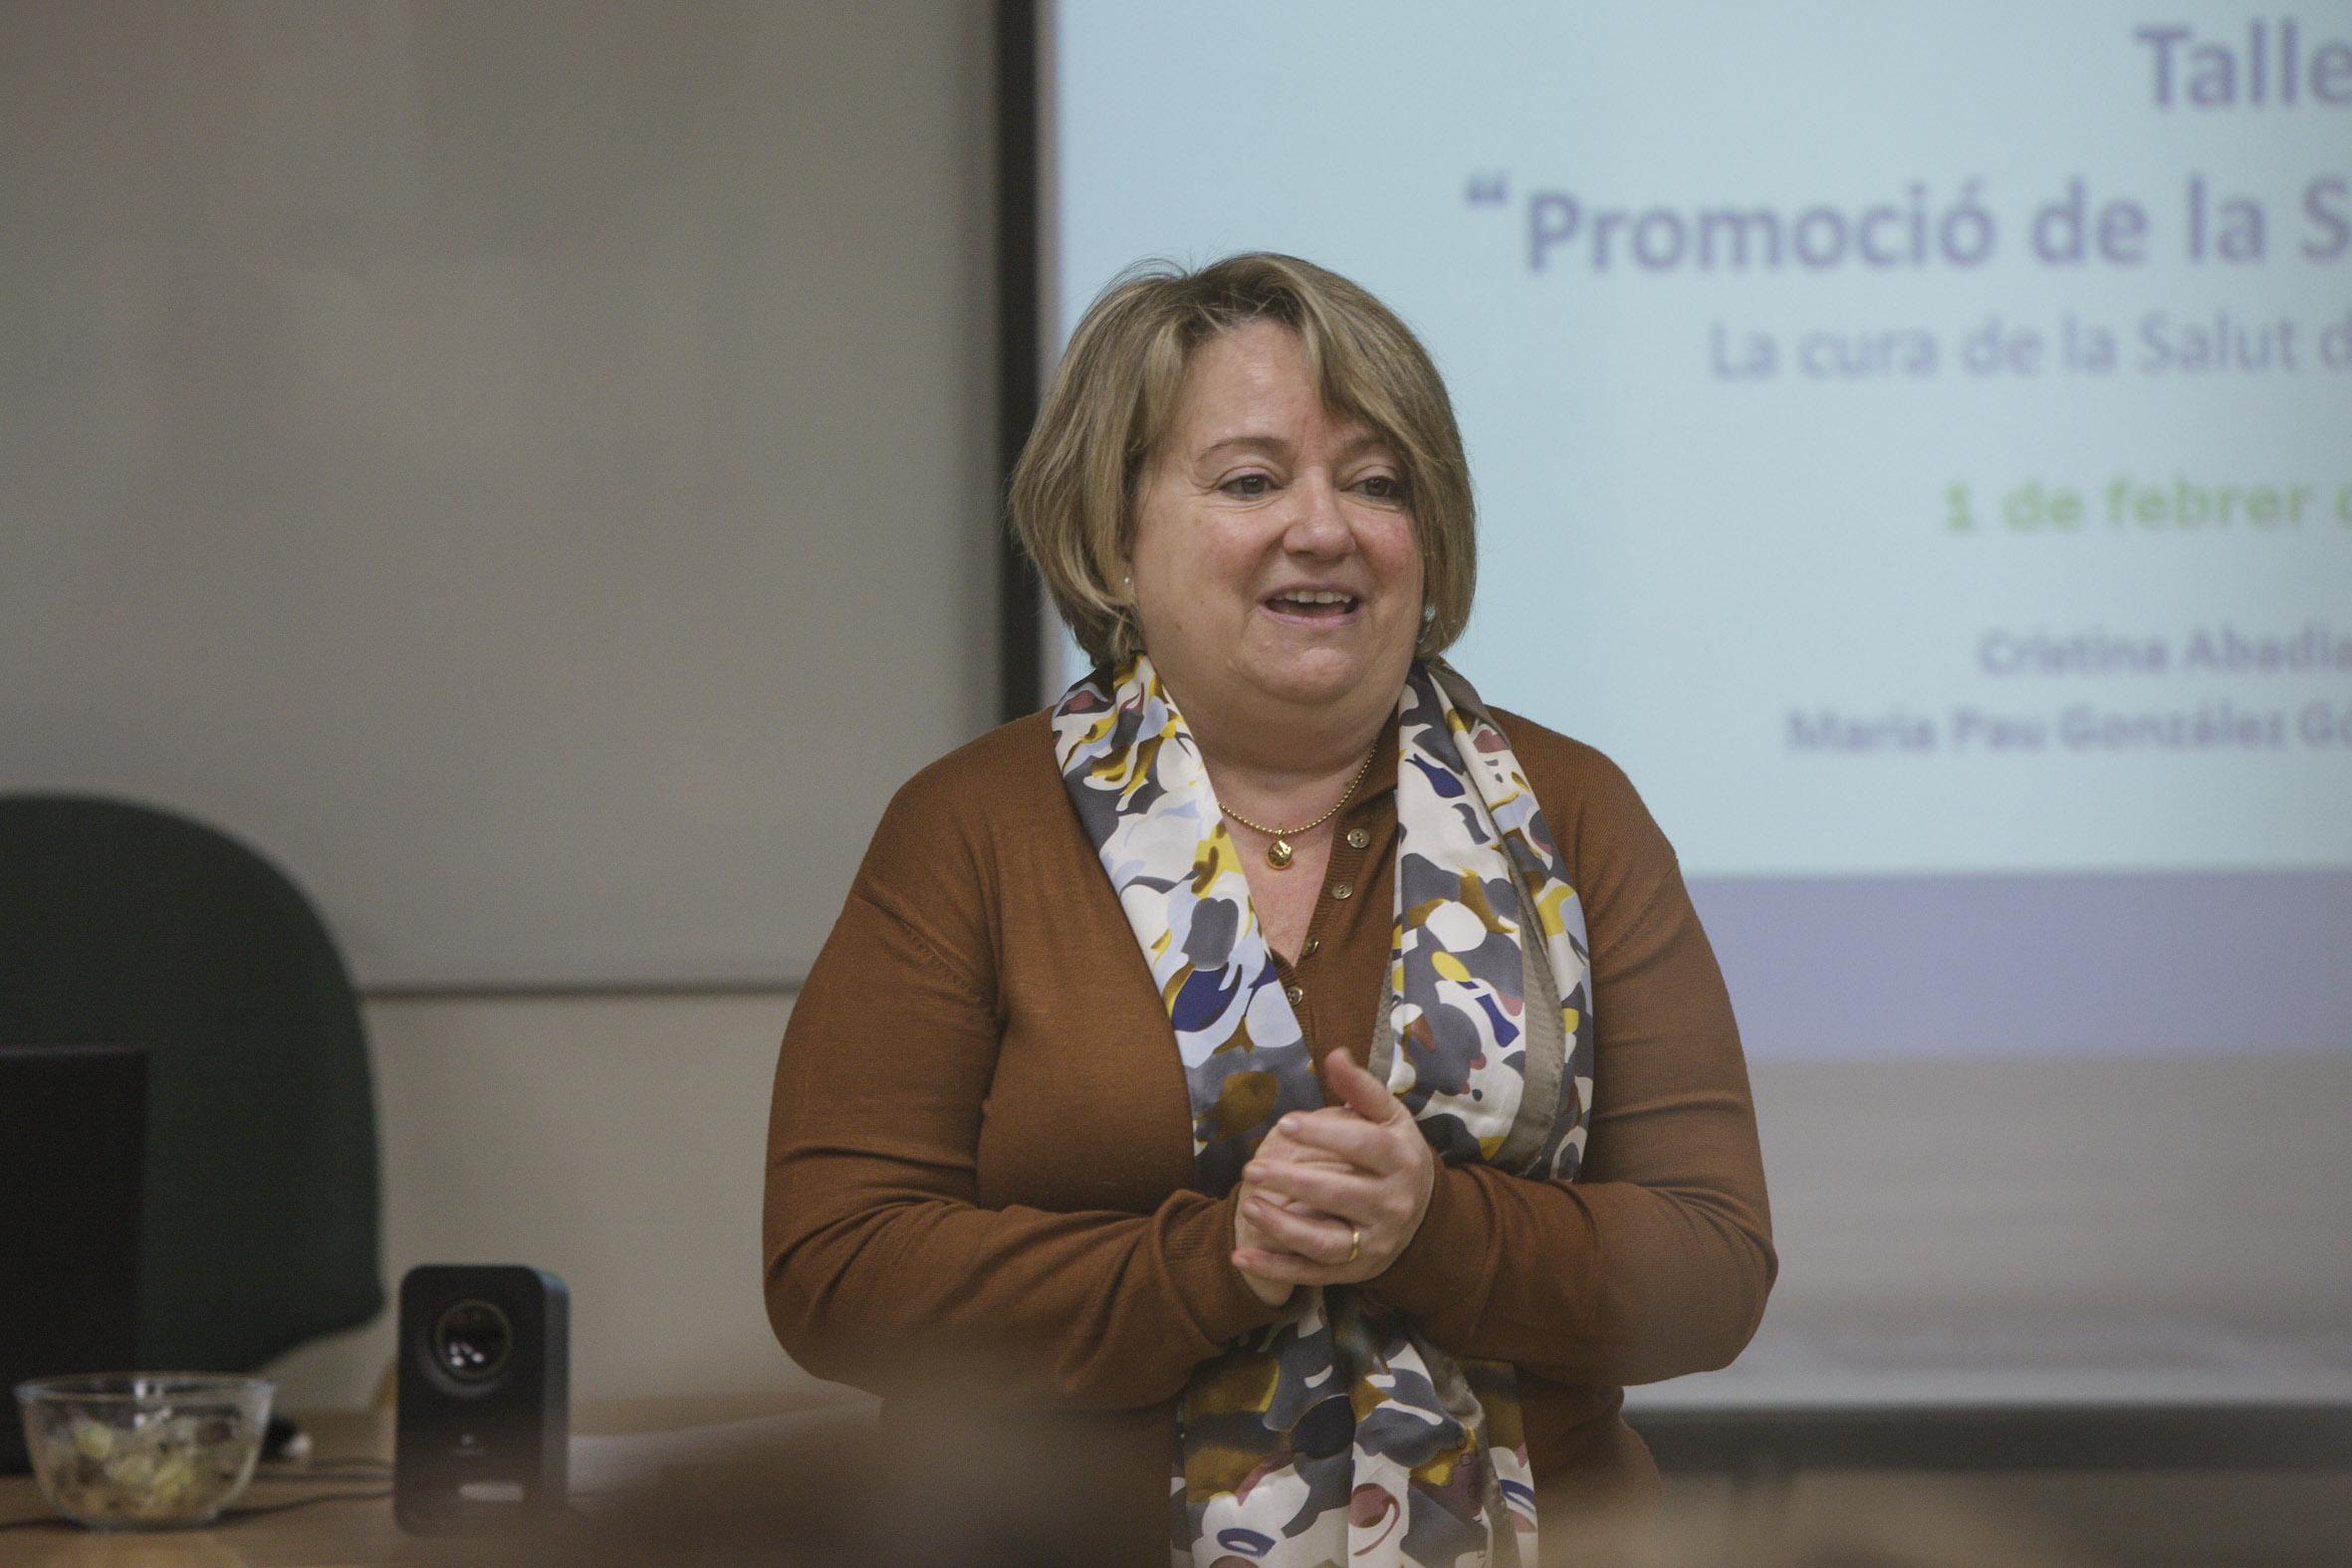 La docent del curs va ser Maria Pau González, doctora en psicologia, especialista en psicologia clínica i coordinadora de formació de la Fundació Galatea.